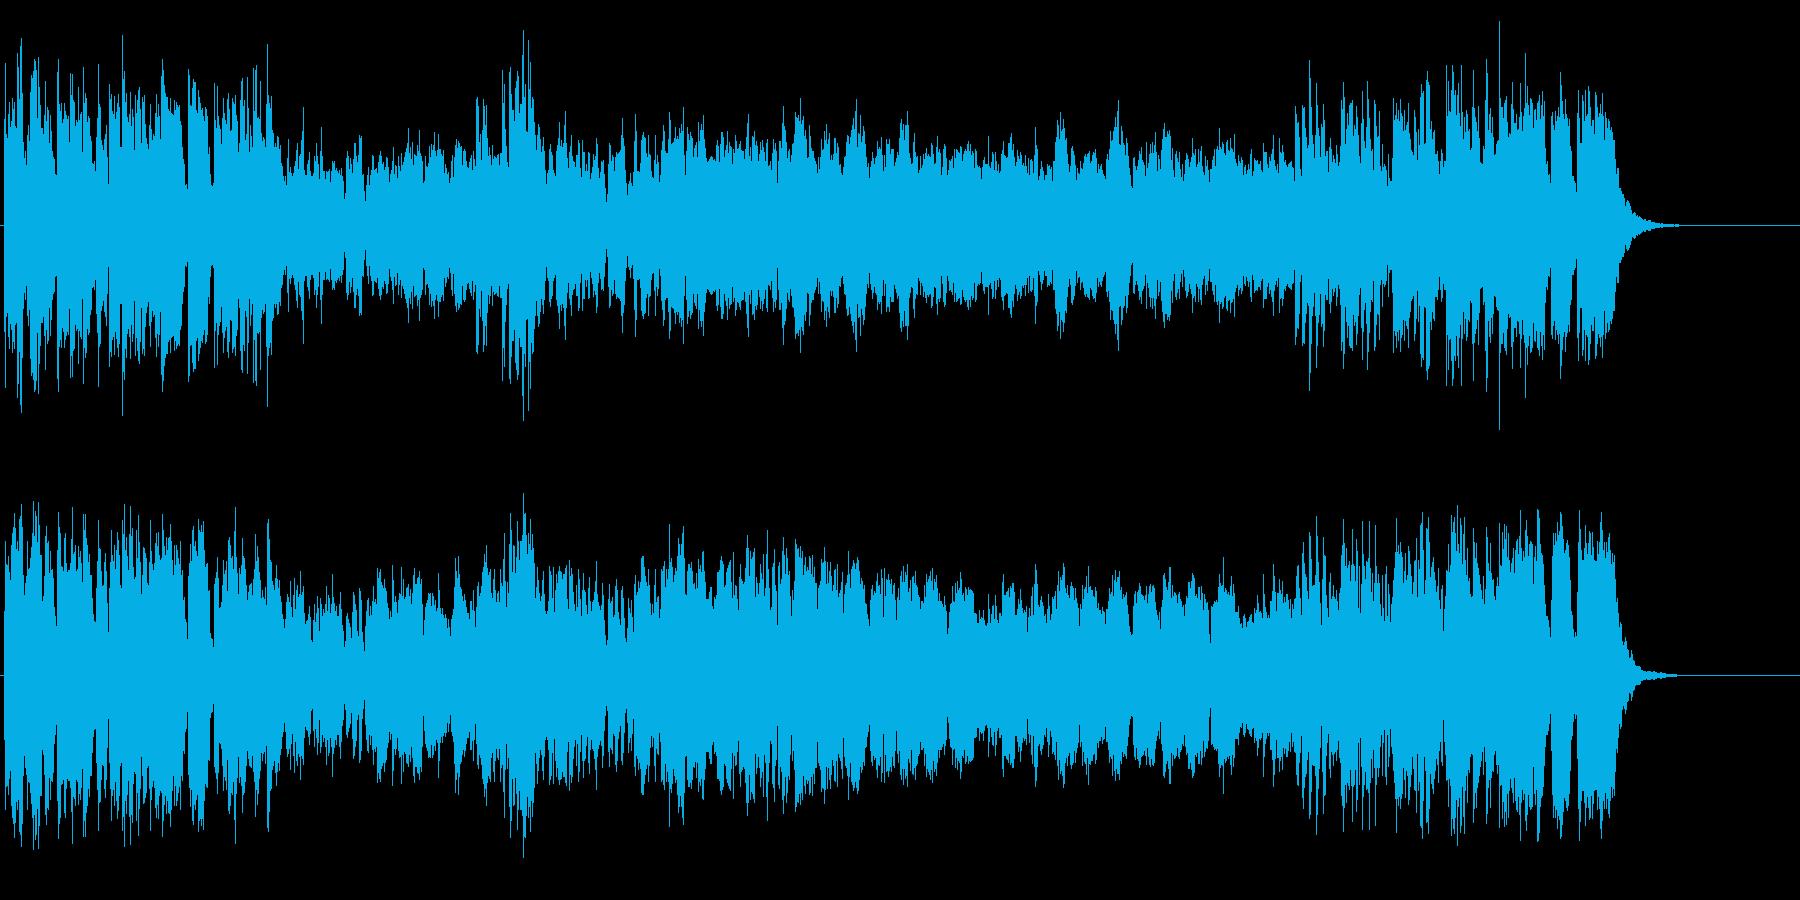 華やかで高貴なイメージの管弦楽曲の再生済みの波形